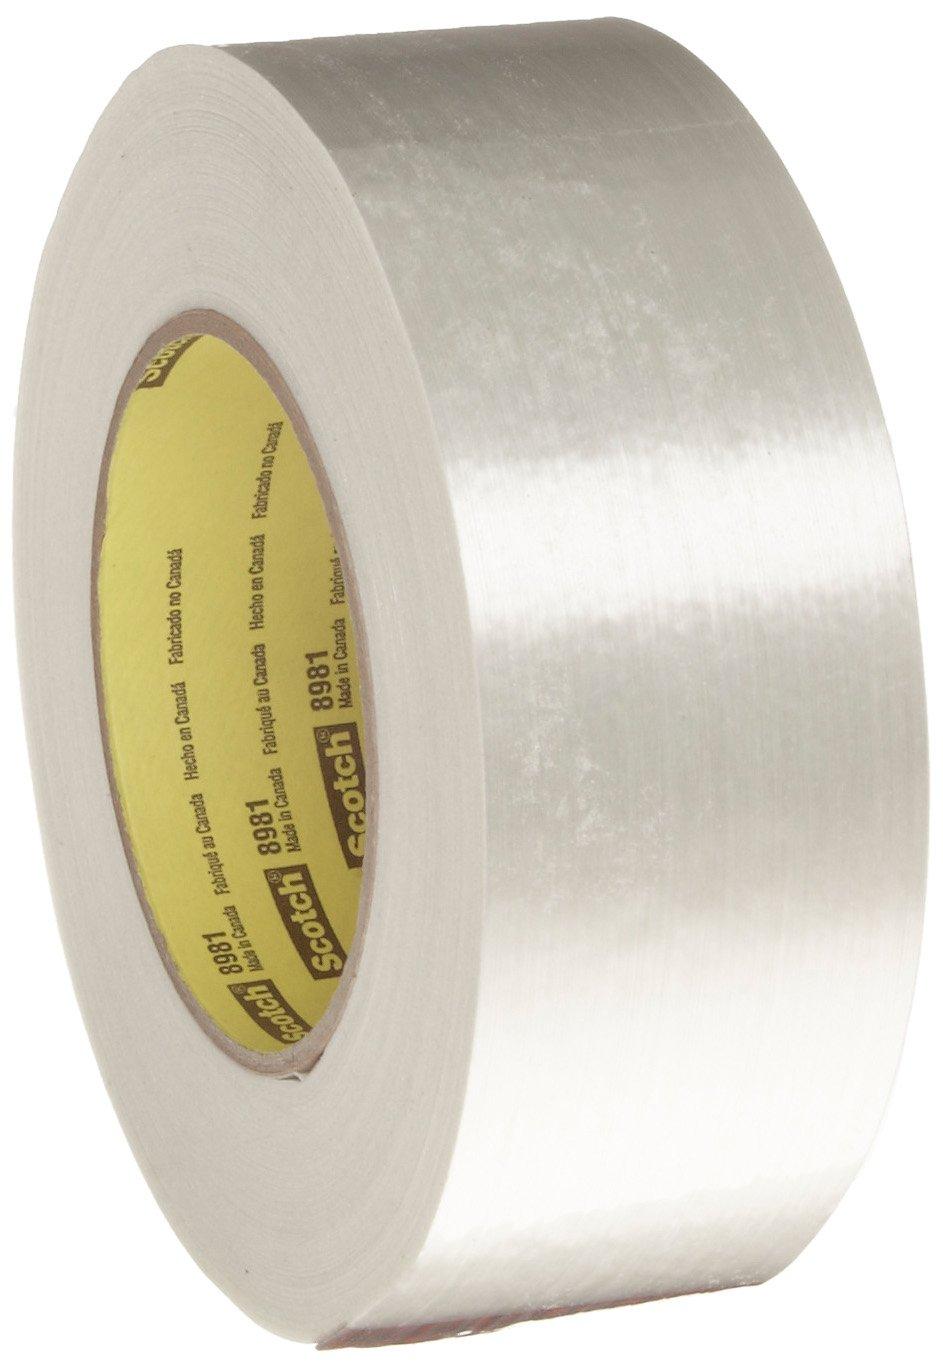 Scotch Filament Tape 8981 Clear, 48 mm x 55 m (Pack of 1)